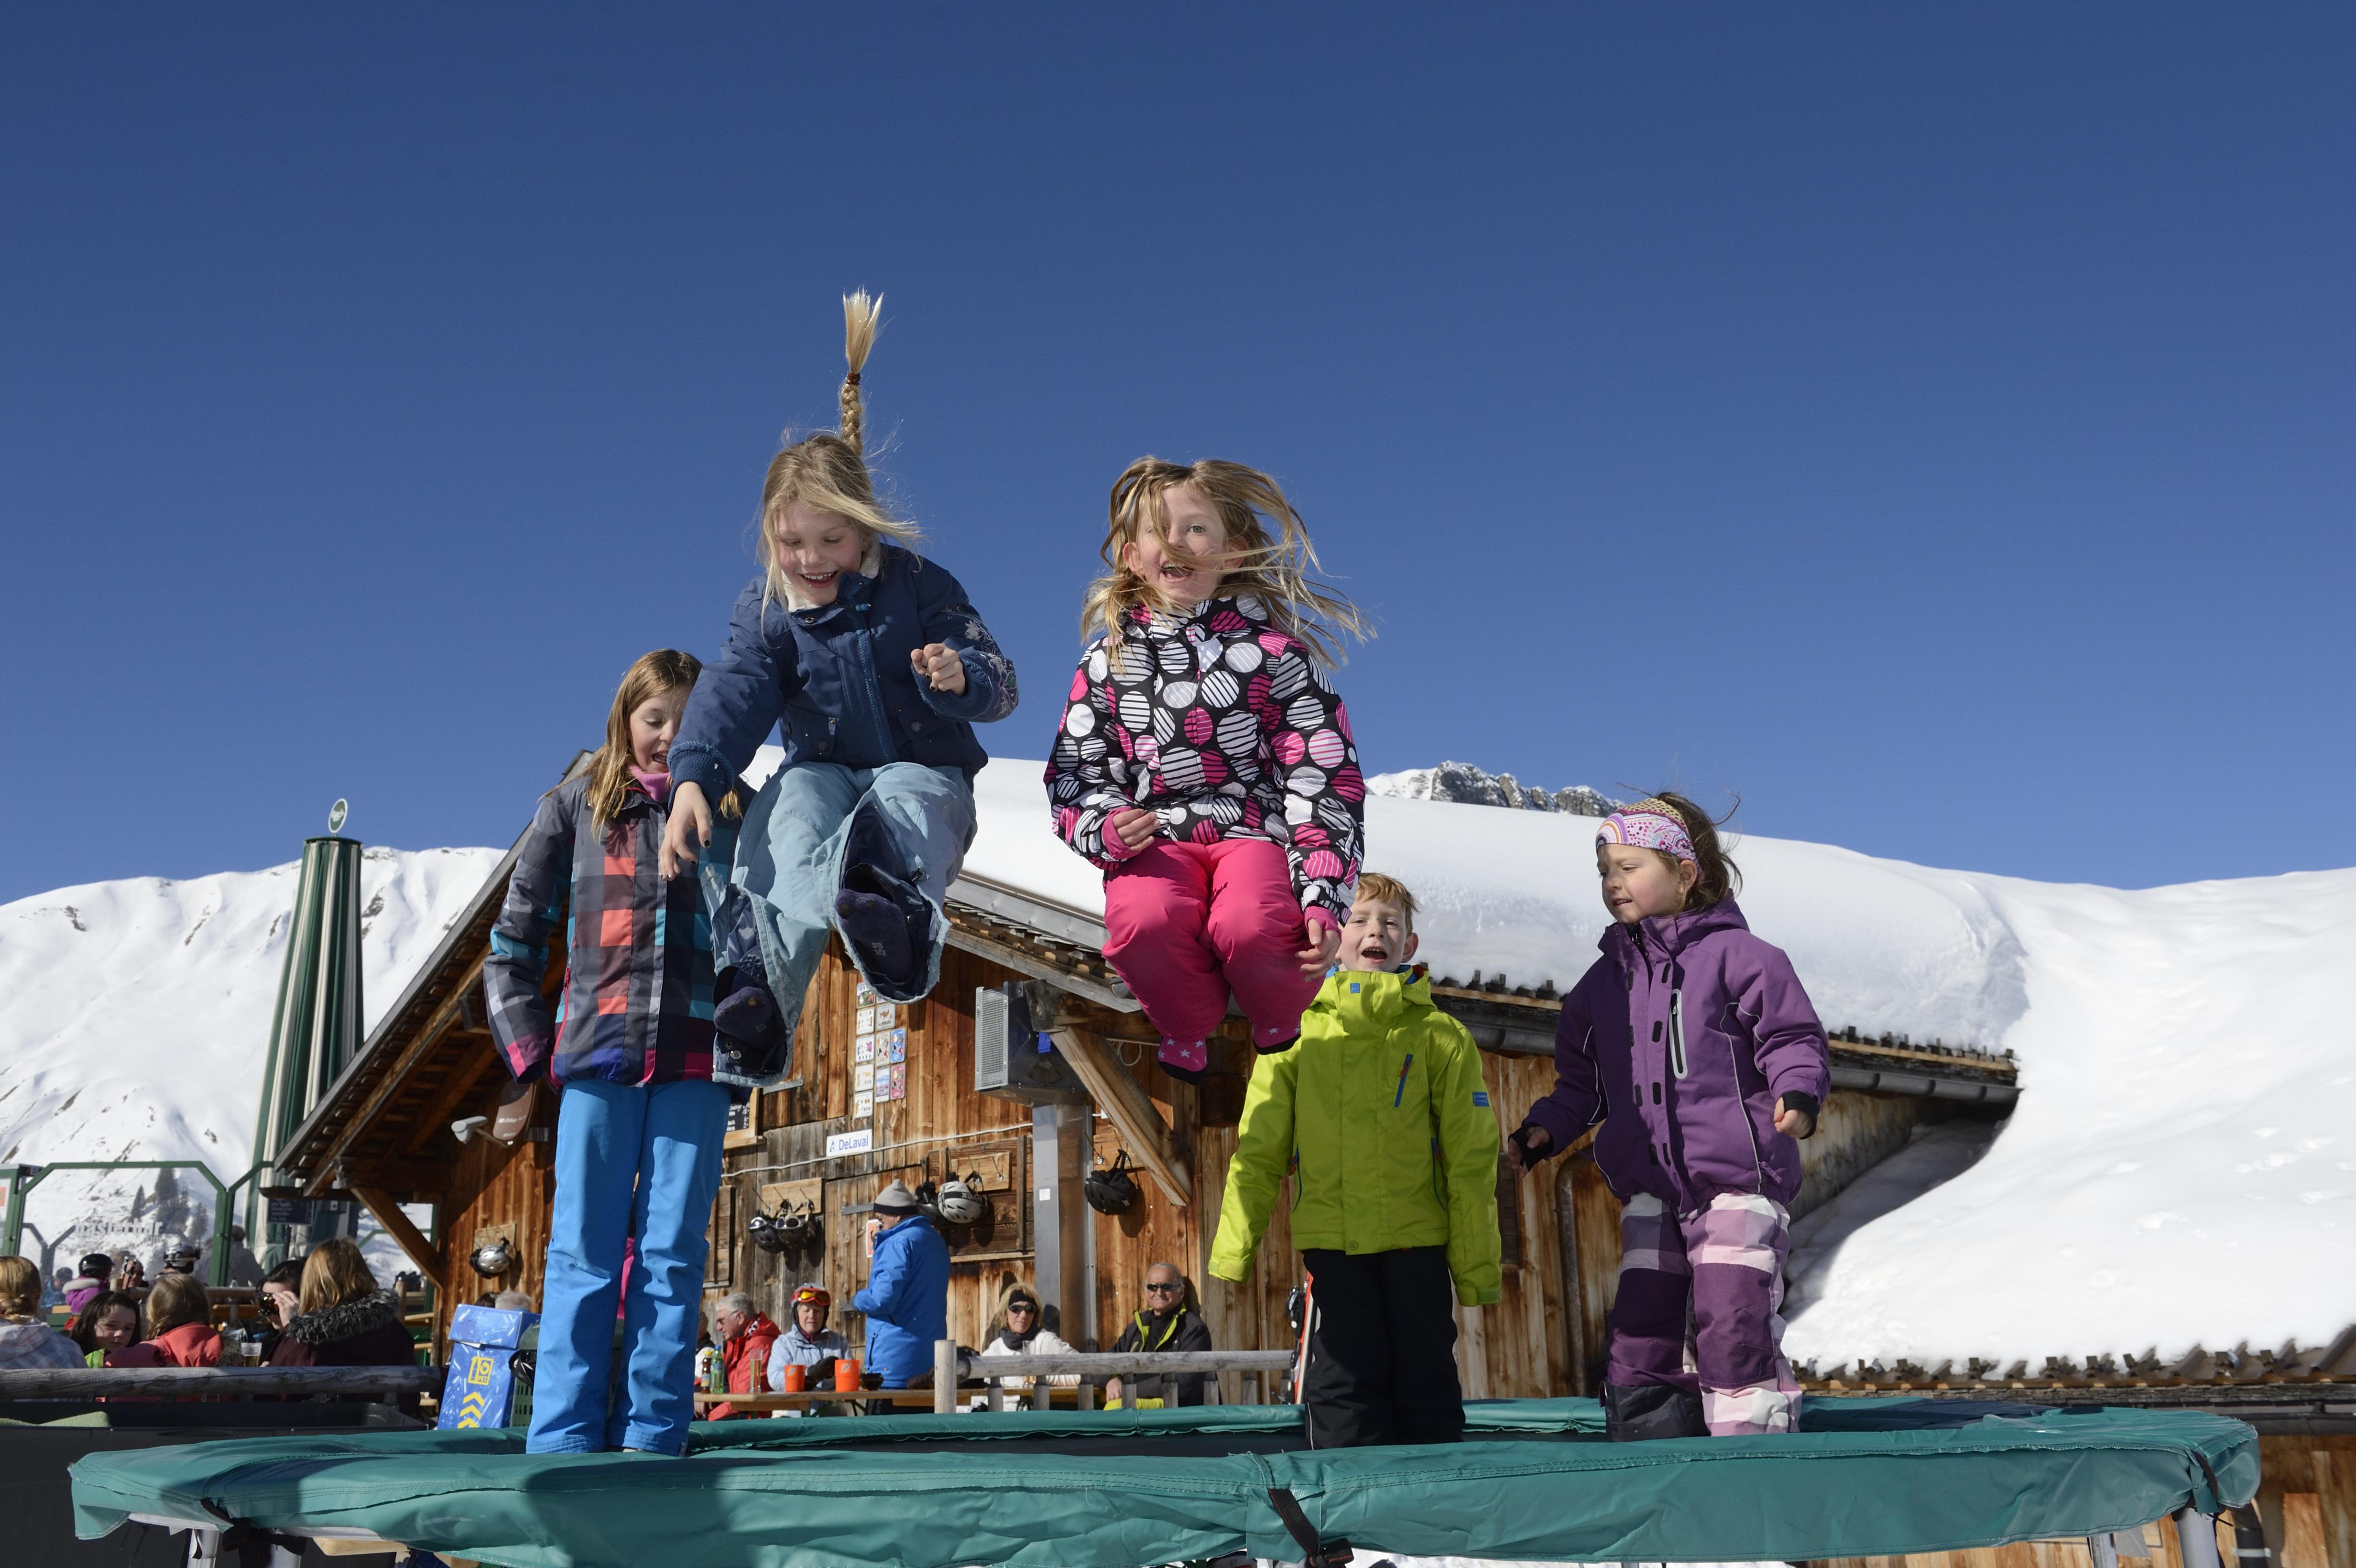 Kinder auf dem Trampolin bei der Haslerbar